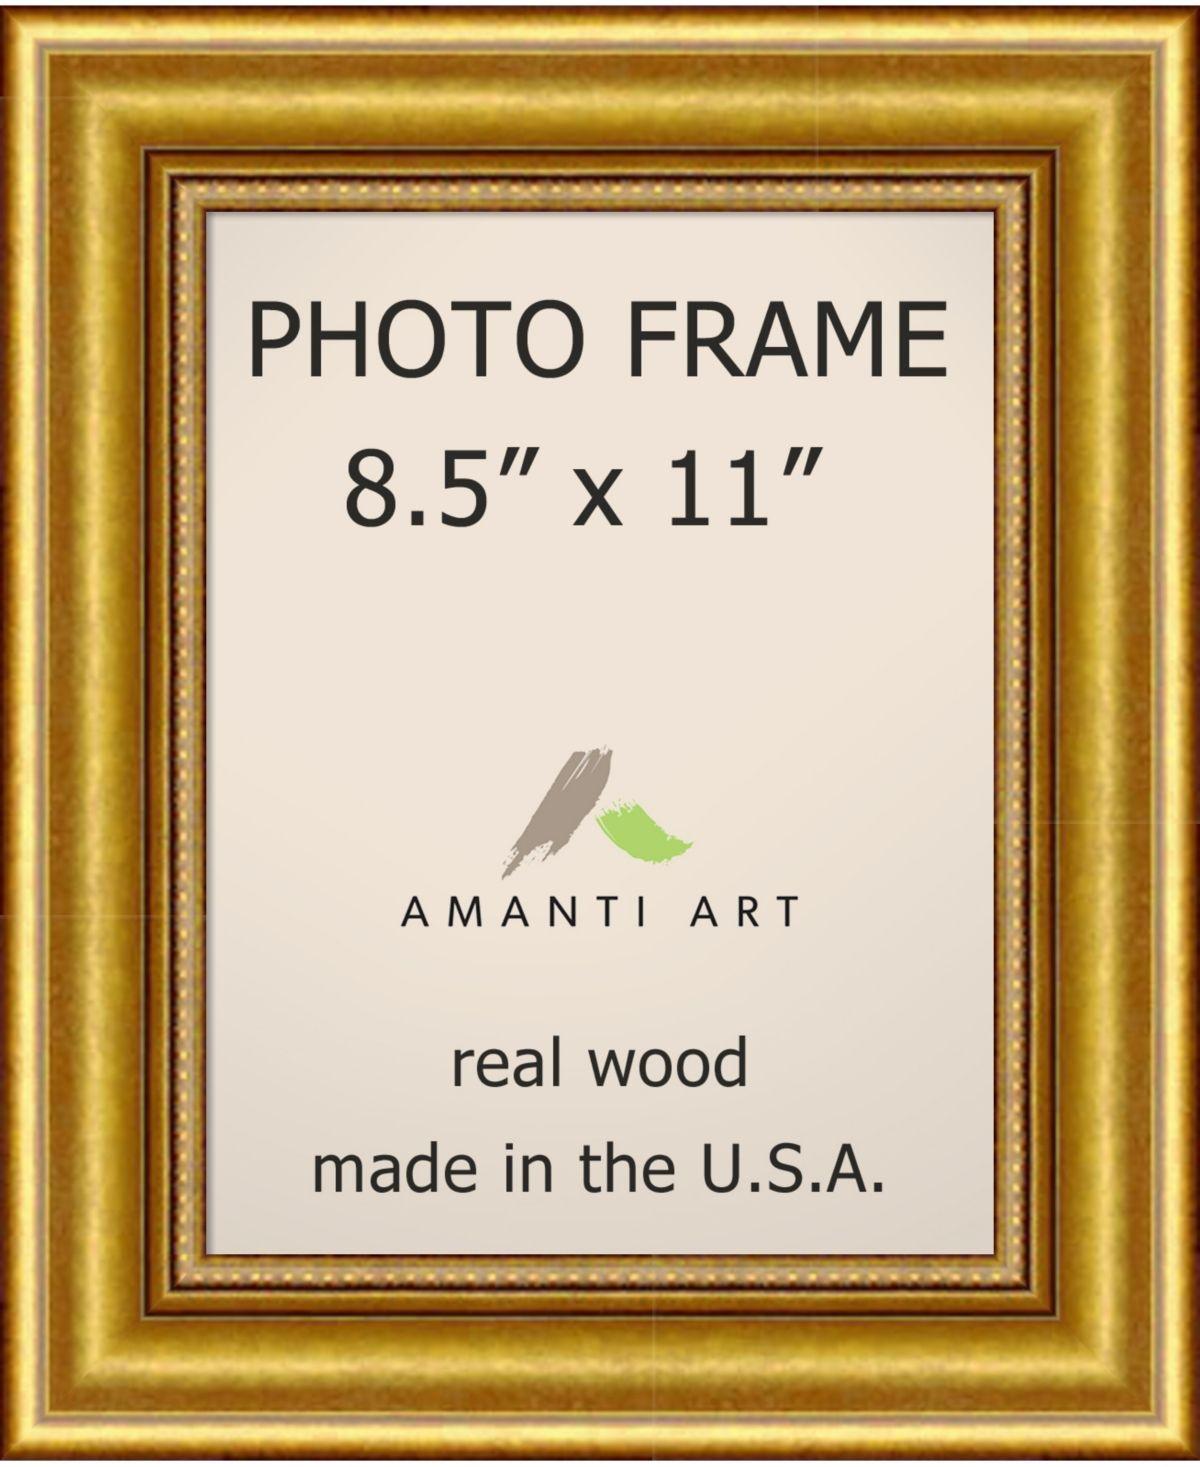 Amanti Art Townhouse Gold 8 5 X 11 Opening Wall Picture Photo Frame Amanti Art Online Photo Frames